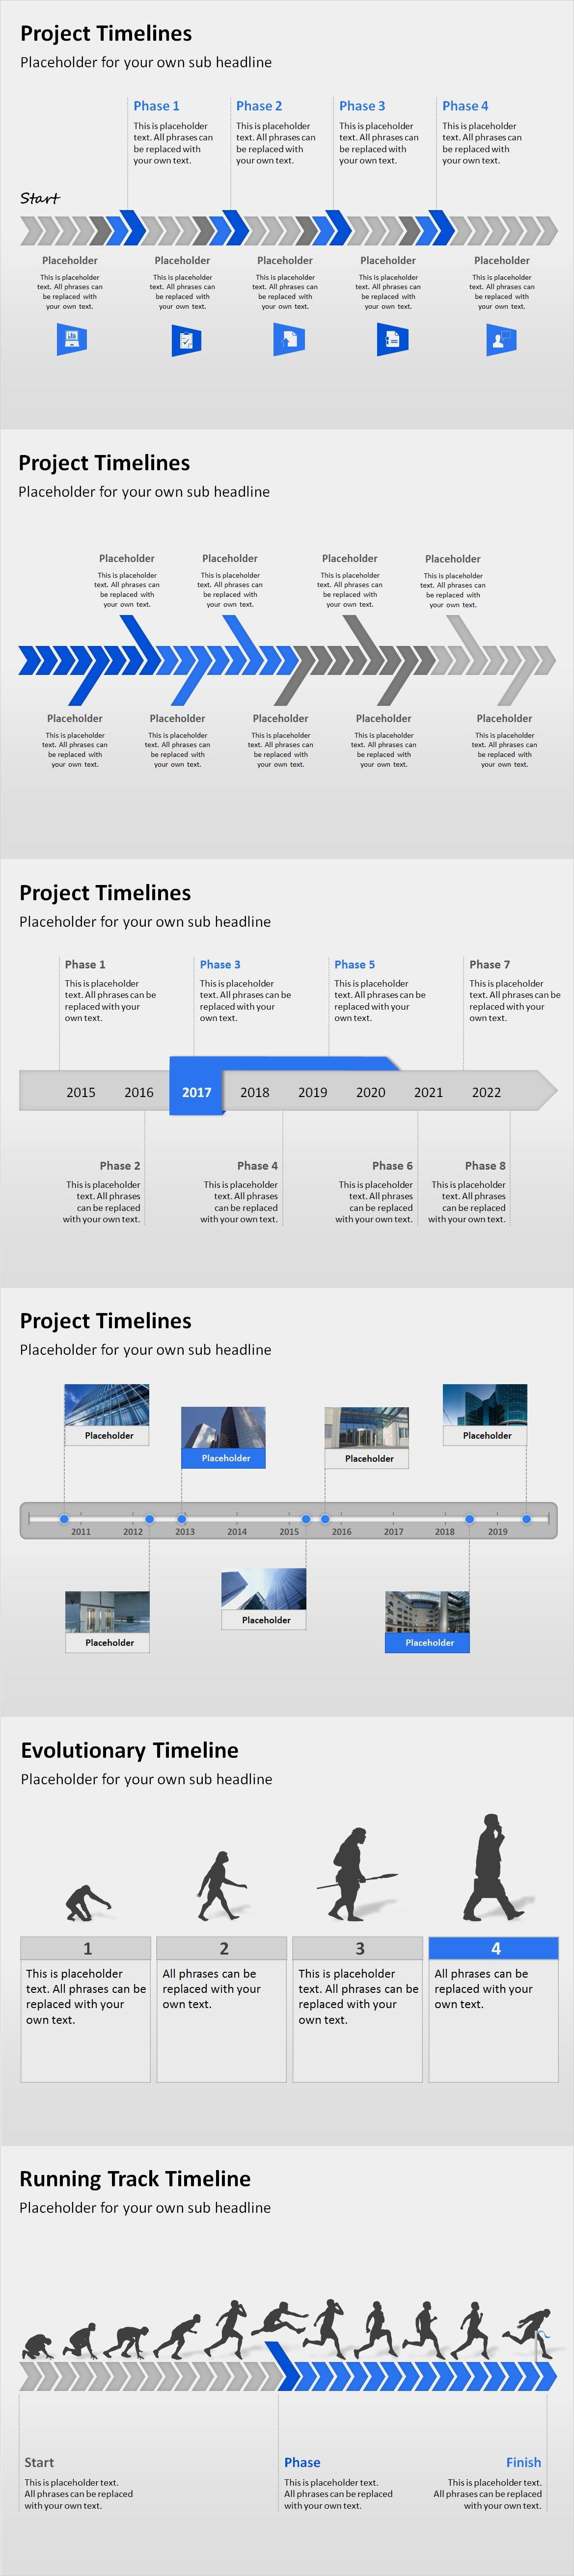 Erstaunlich Zeitleiste Vorlage Download Bilder In 2020 Zeitleiste Datenvisualisierung Projektmanagement